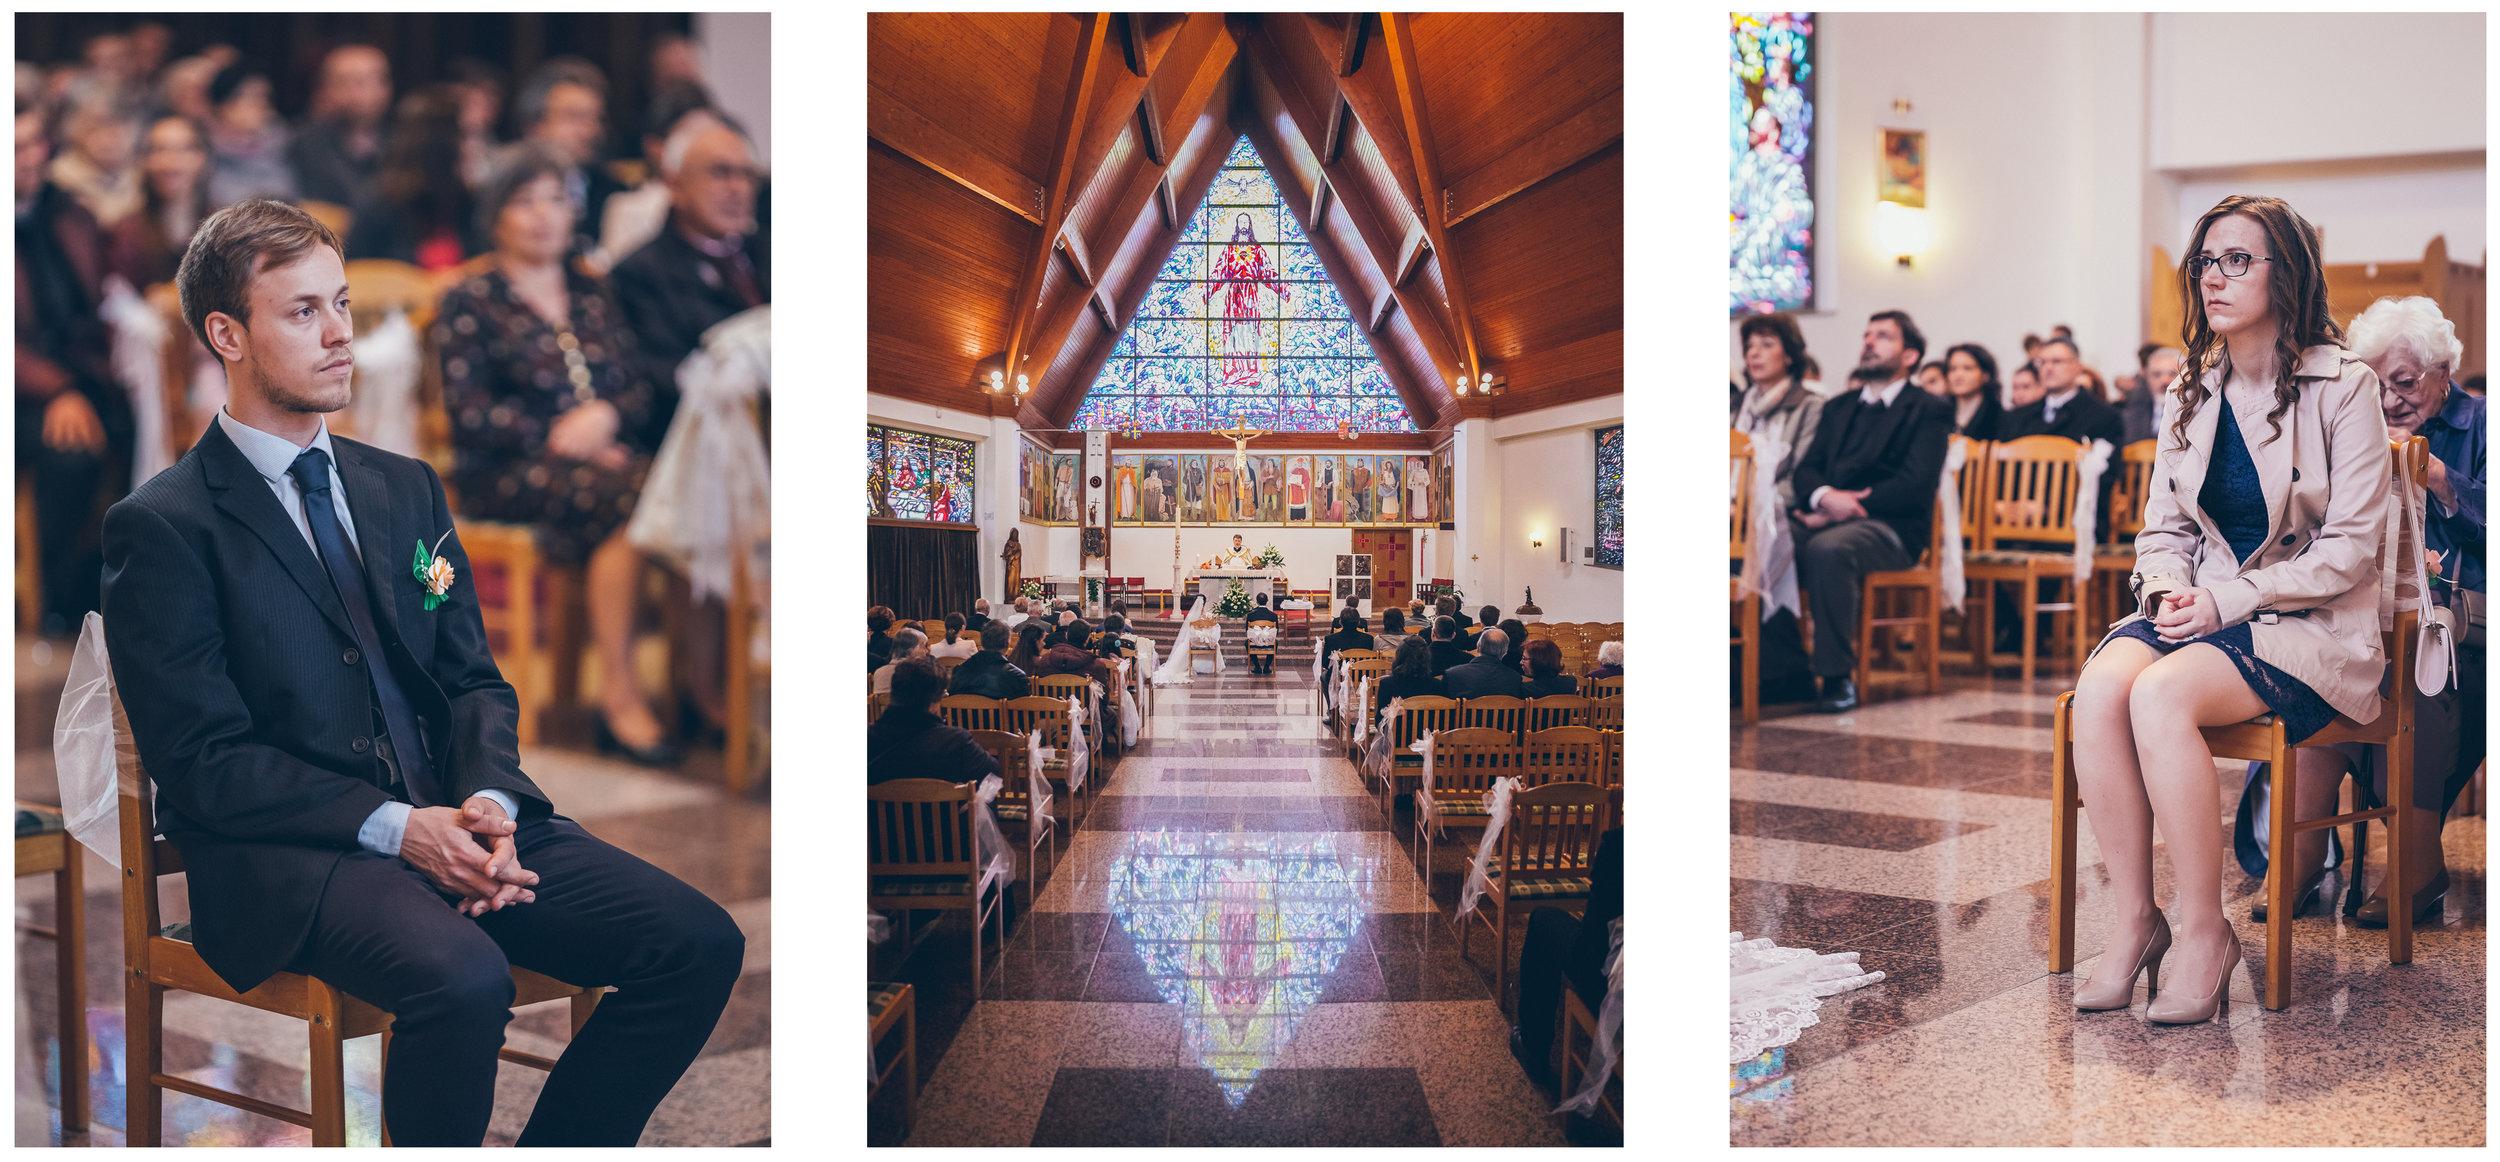 FylepPhoto, esküvőfotós, esküvői fotós Körmend, Szombathely, esküvőfotózás, magyarország, vas megye, prémium, jegyesfotózás, Fülöp Péter, körmend, kreatív, fotográfus_014.jpg